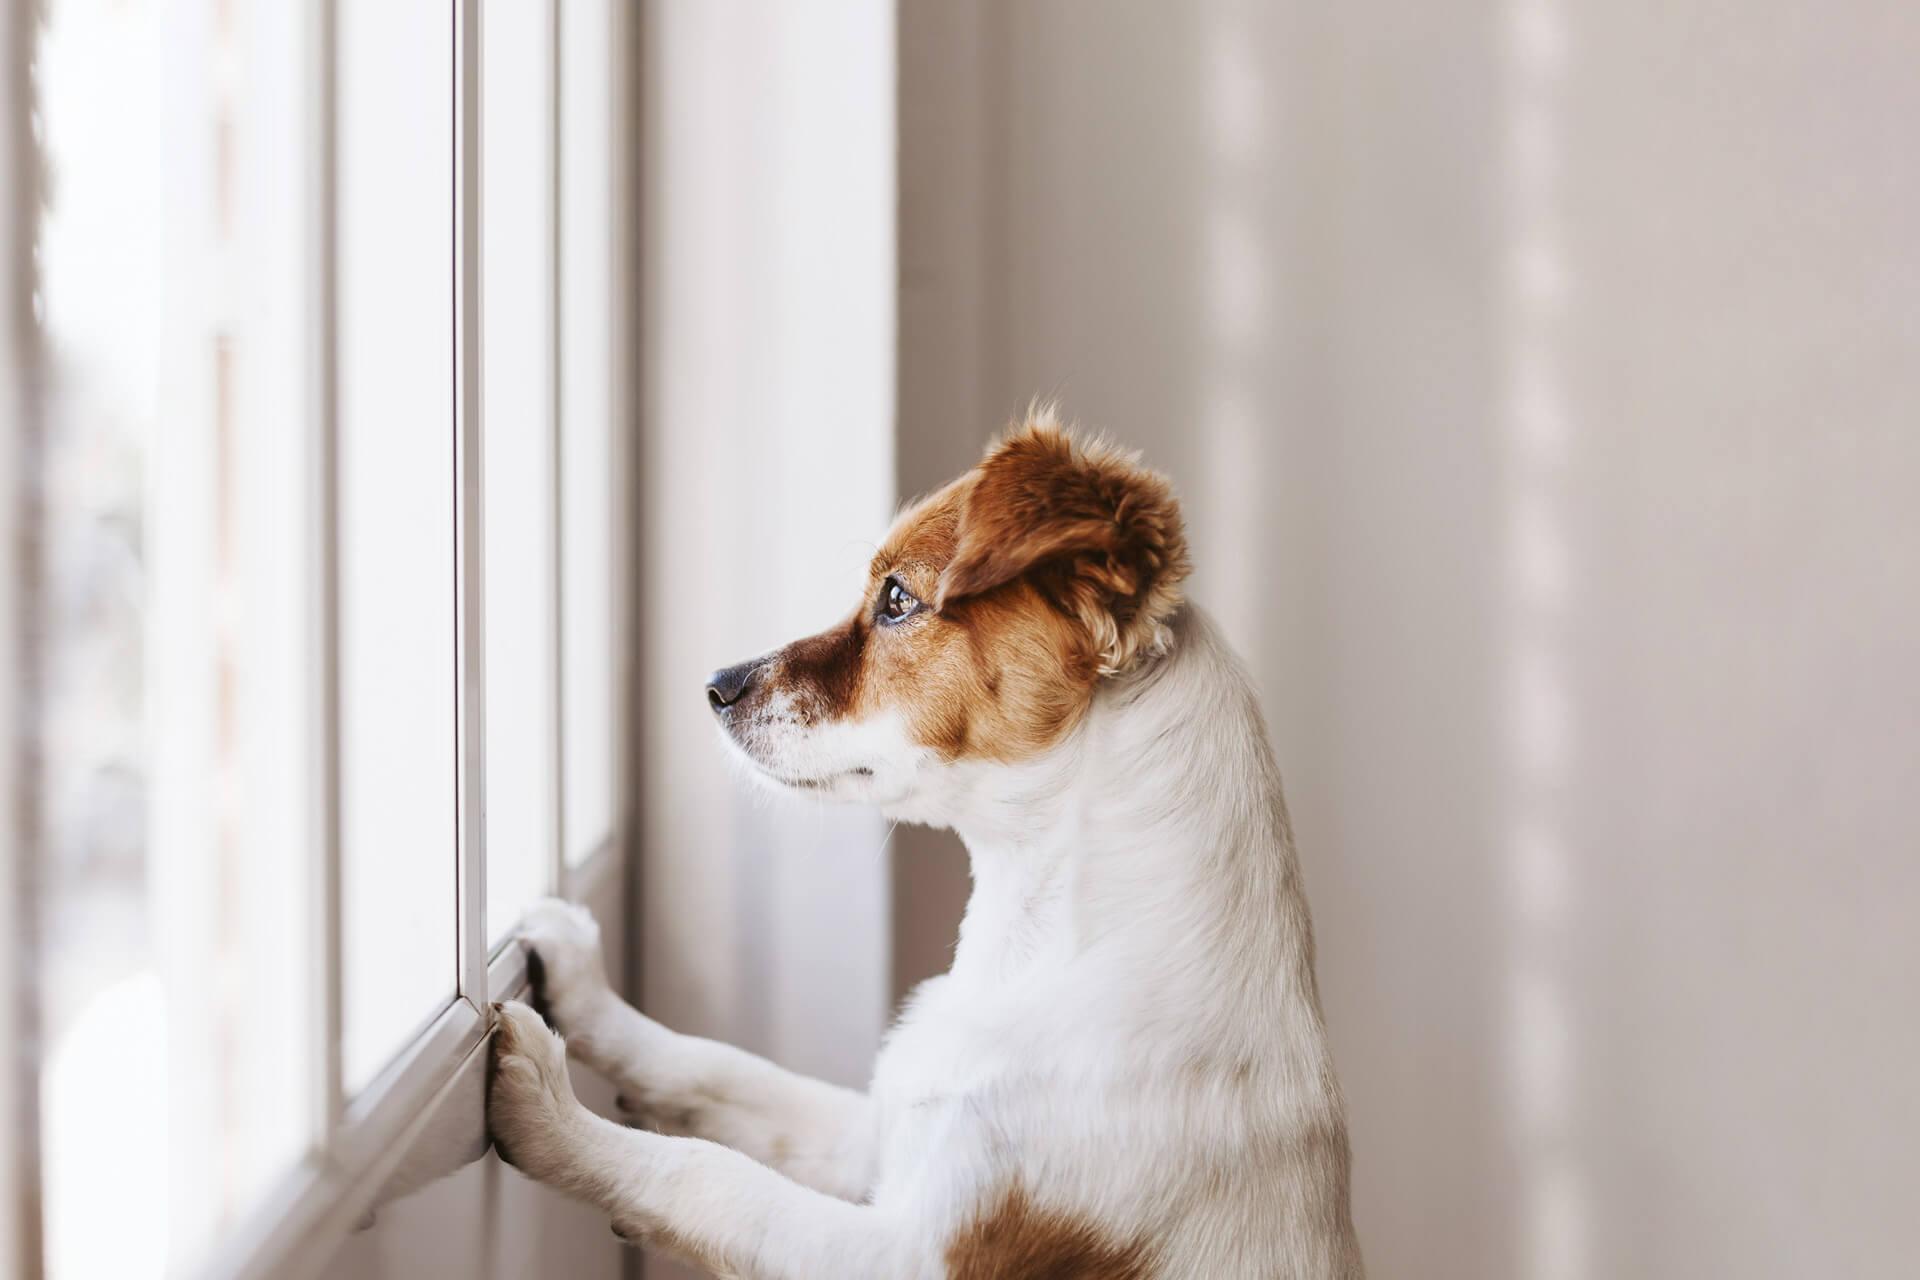 Braun-weiß gefleckter Hund blickt von innen aus dem Fenster